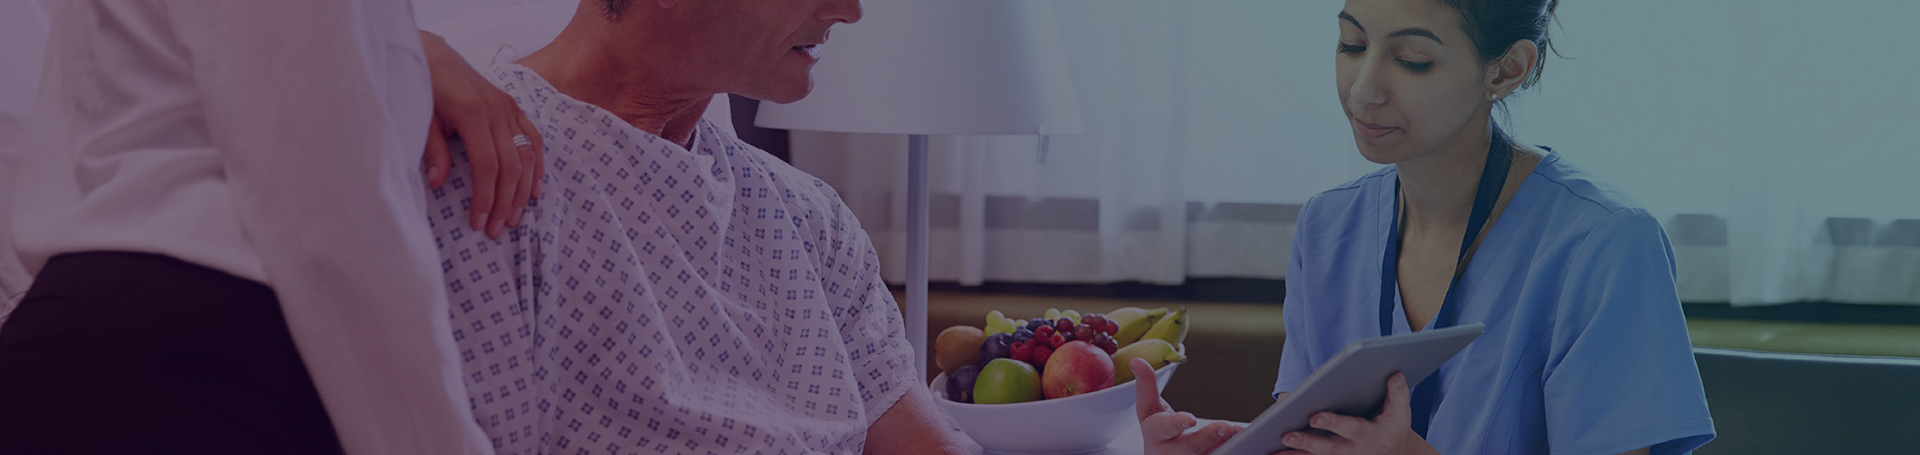 Dissertation help nursing